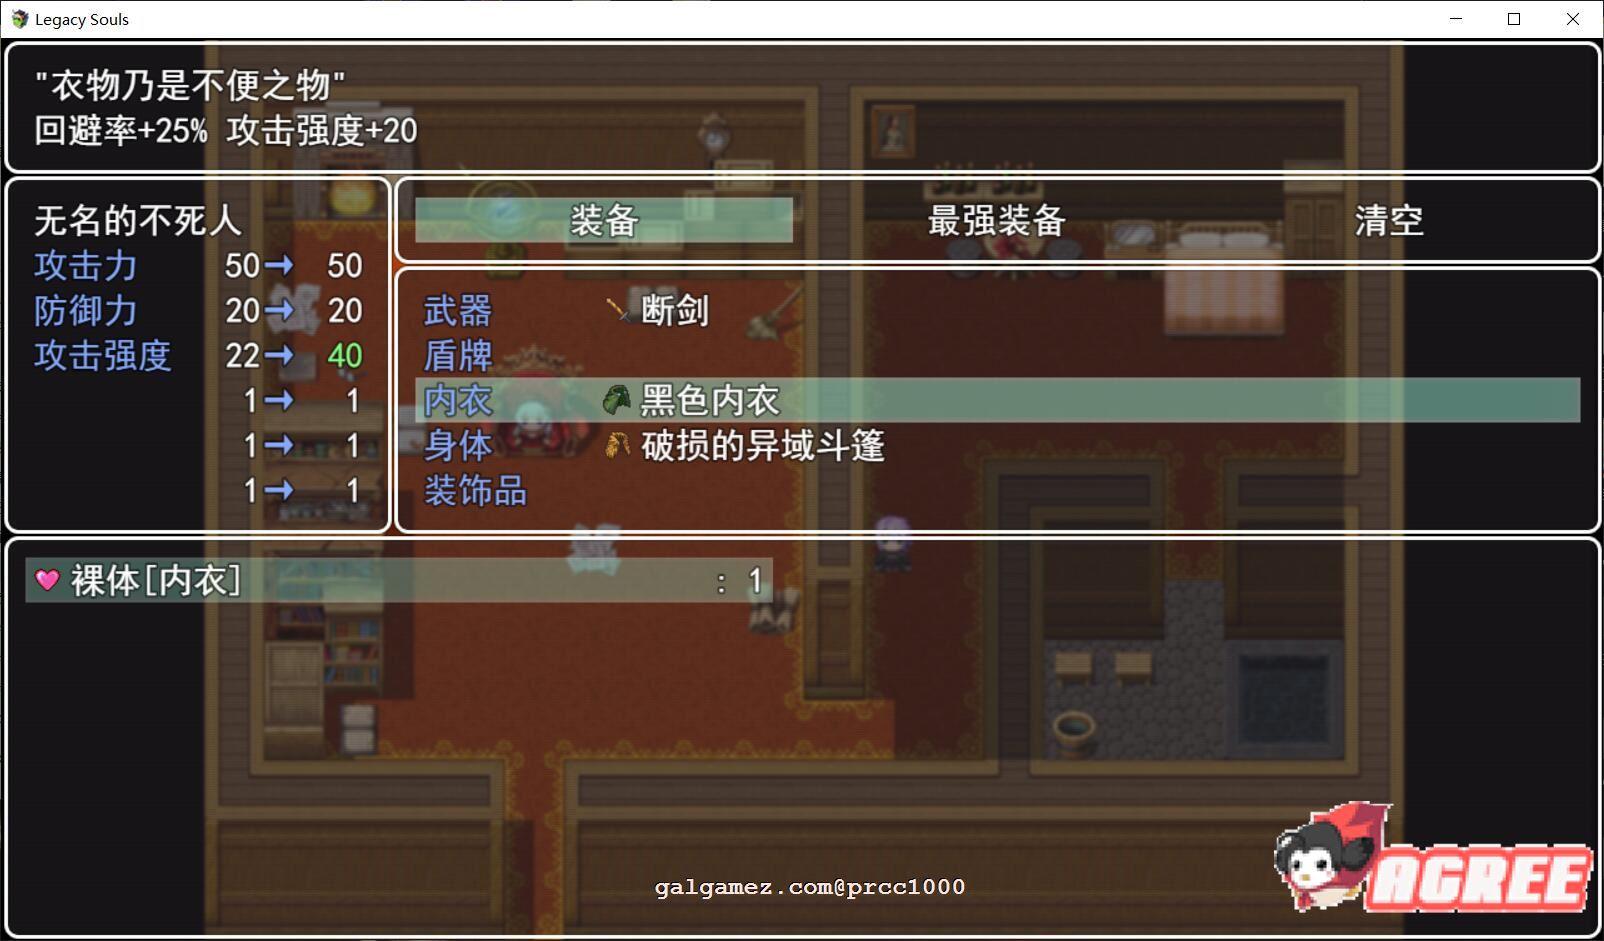 [RPG/中文/高还原度]遗留之魂Legacy Souls 官方中文版+CG[黑魂同人][百度][2.7G] 9